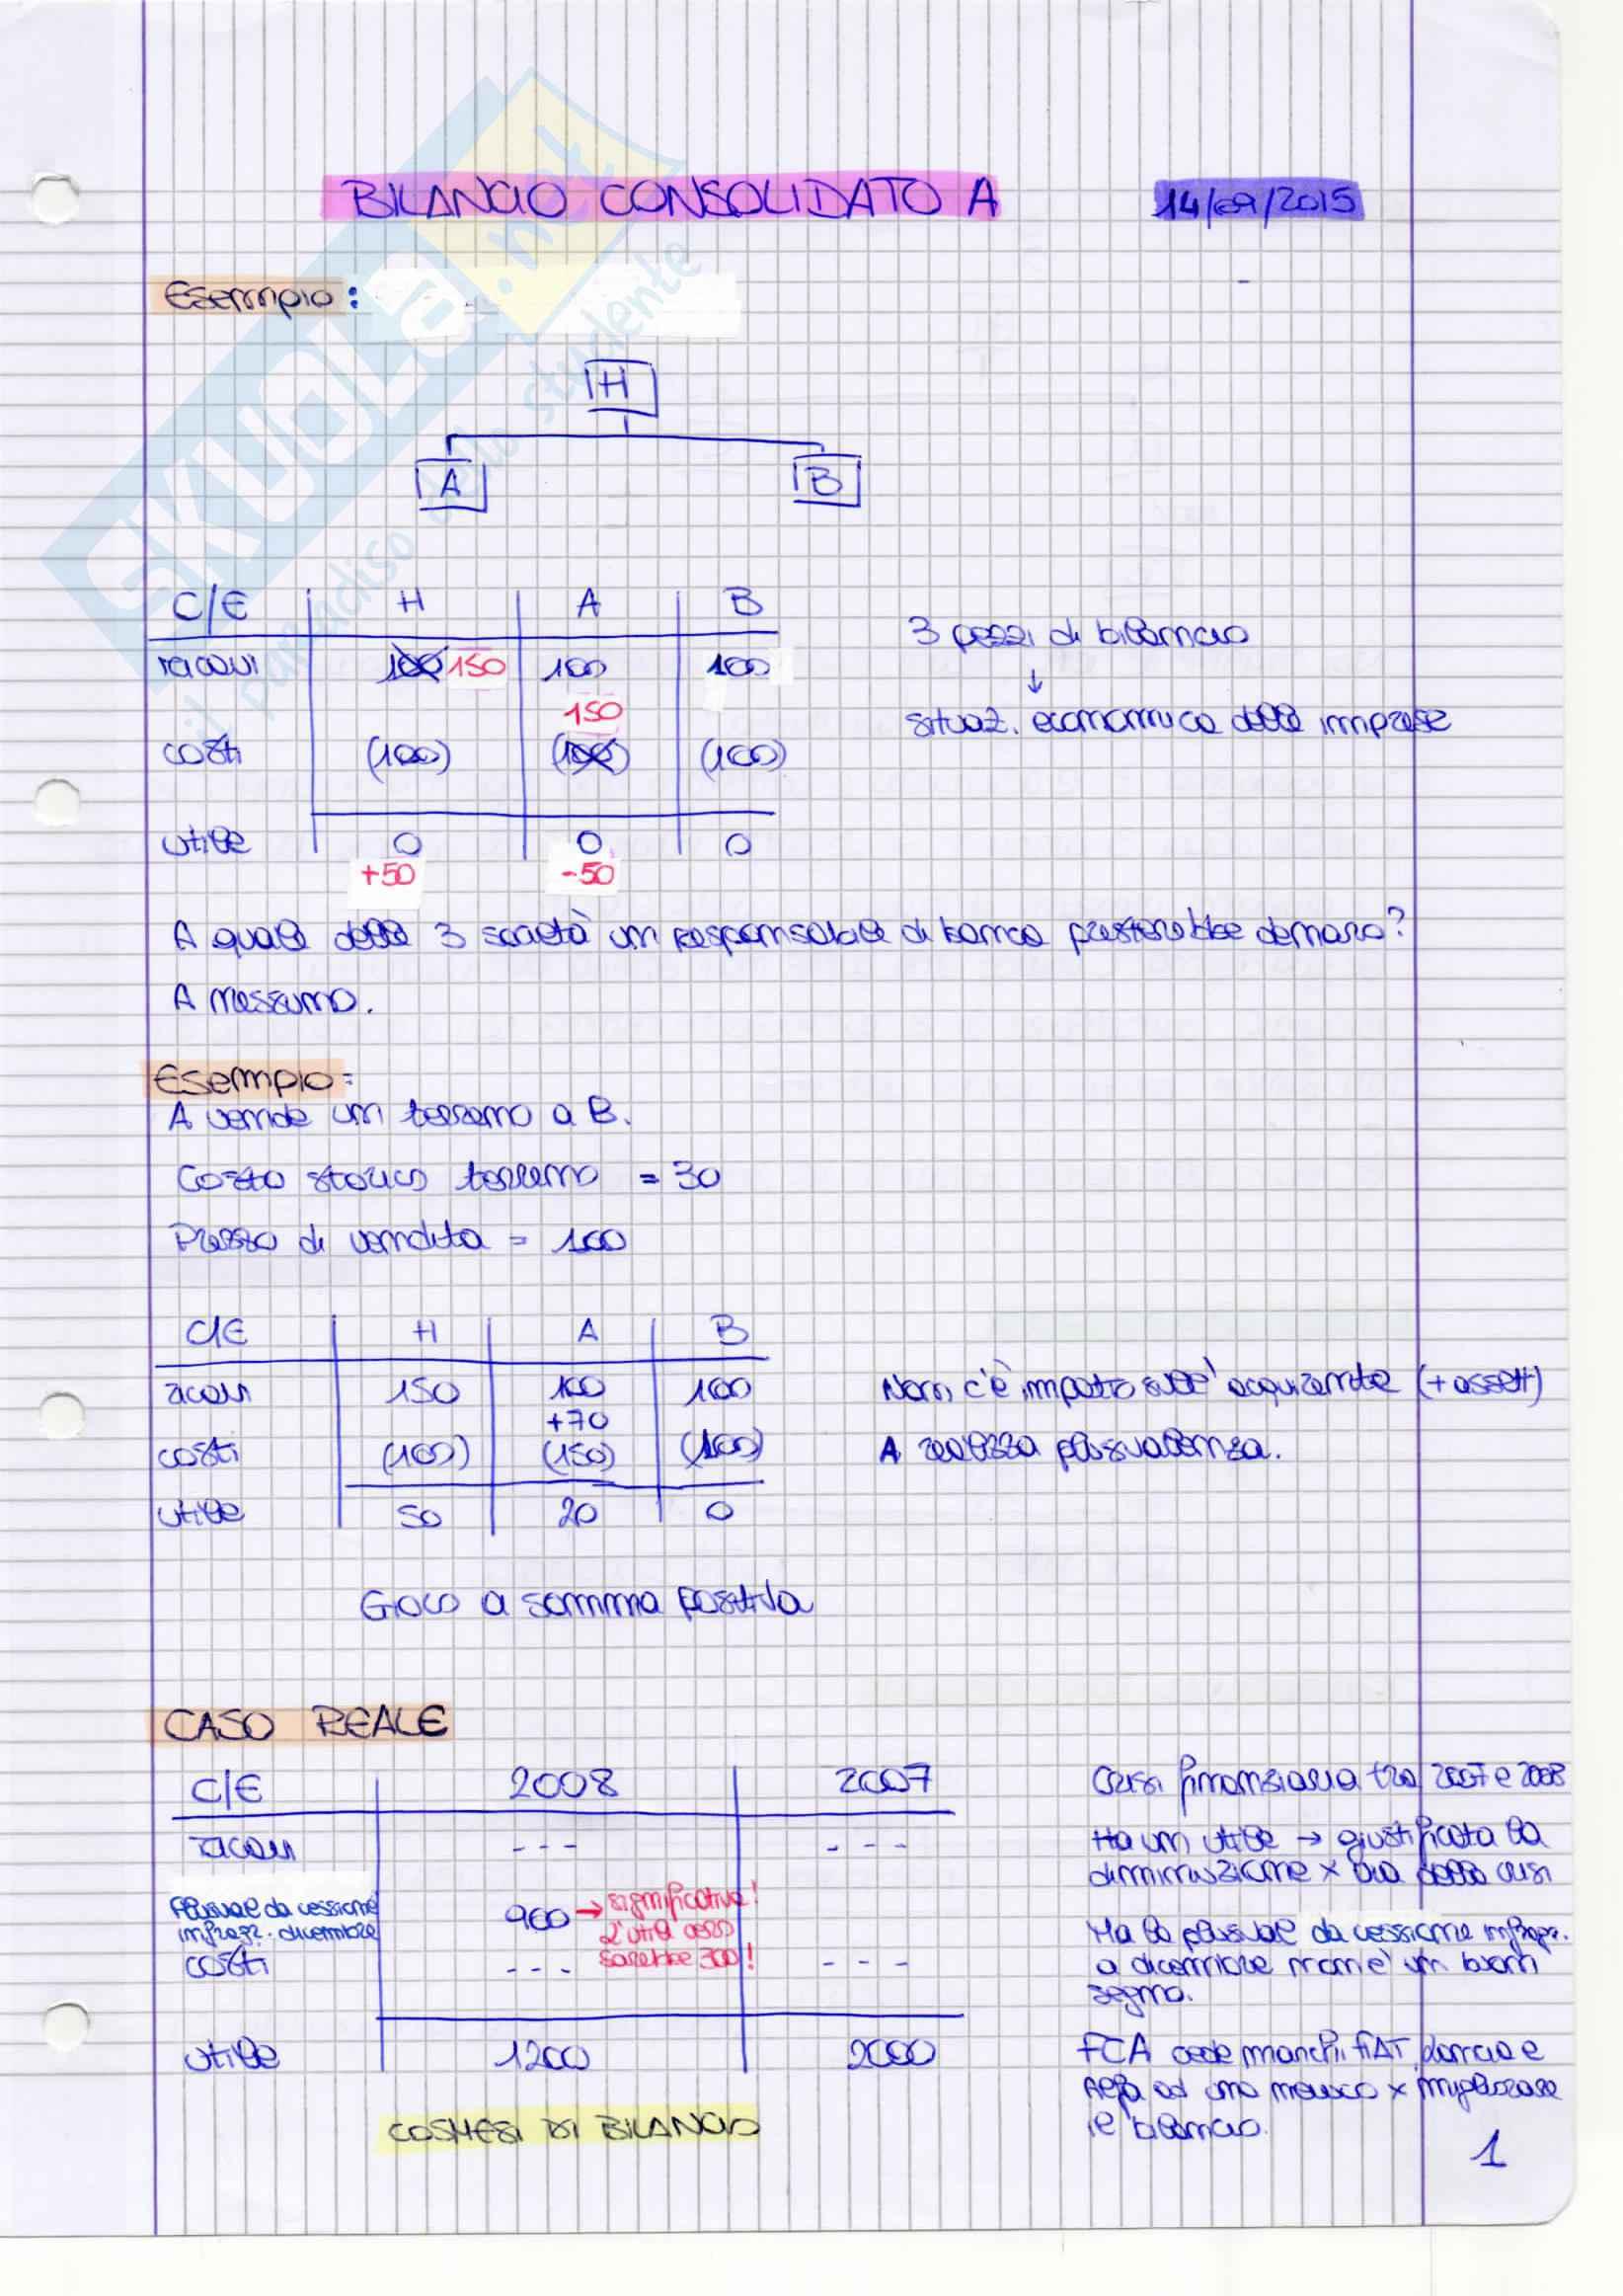 Bilancio consolidato (esercizi)